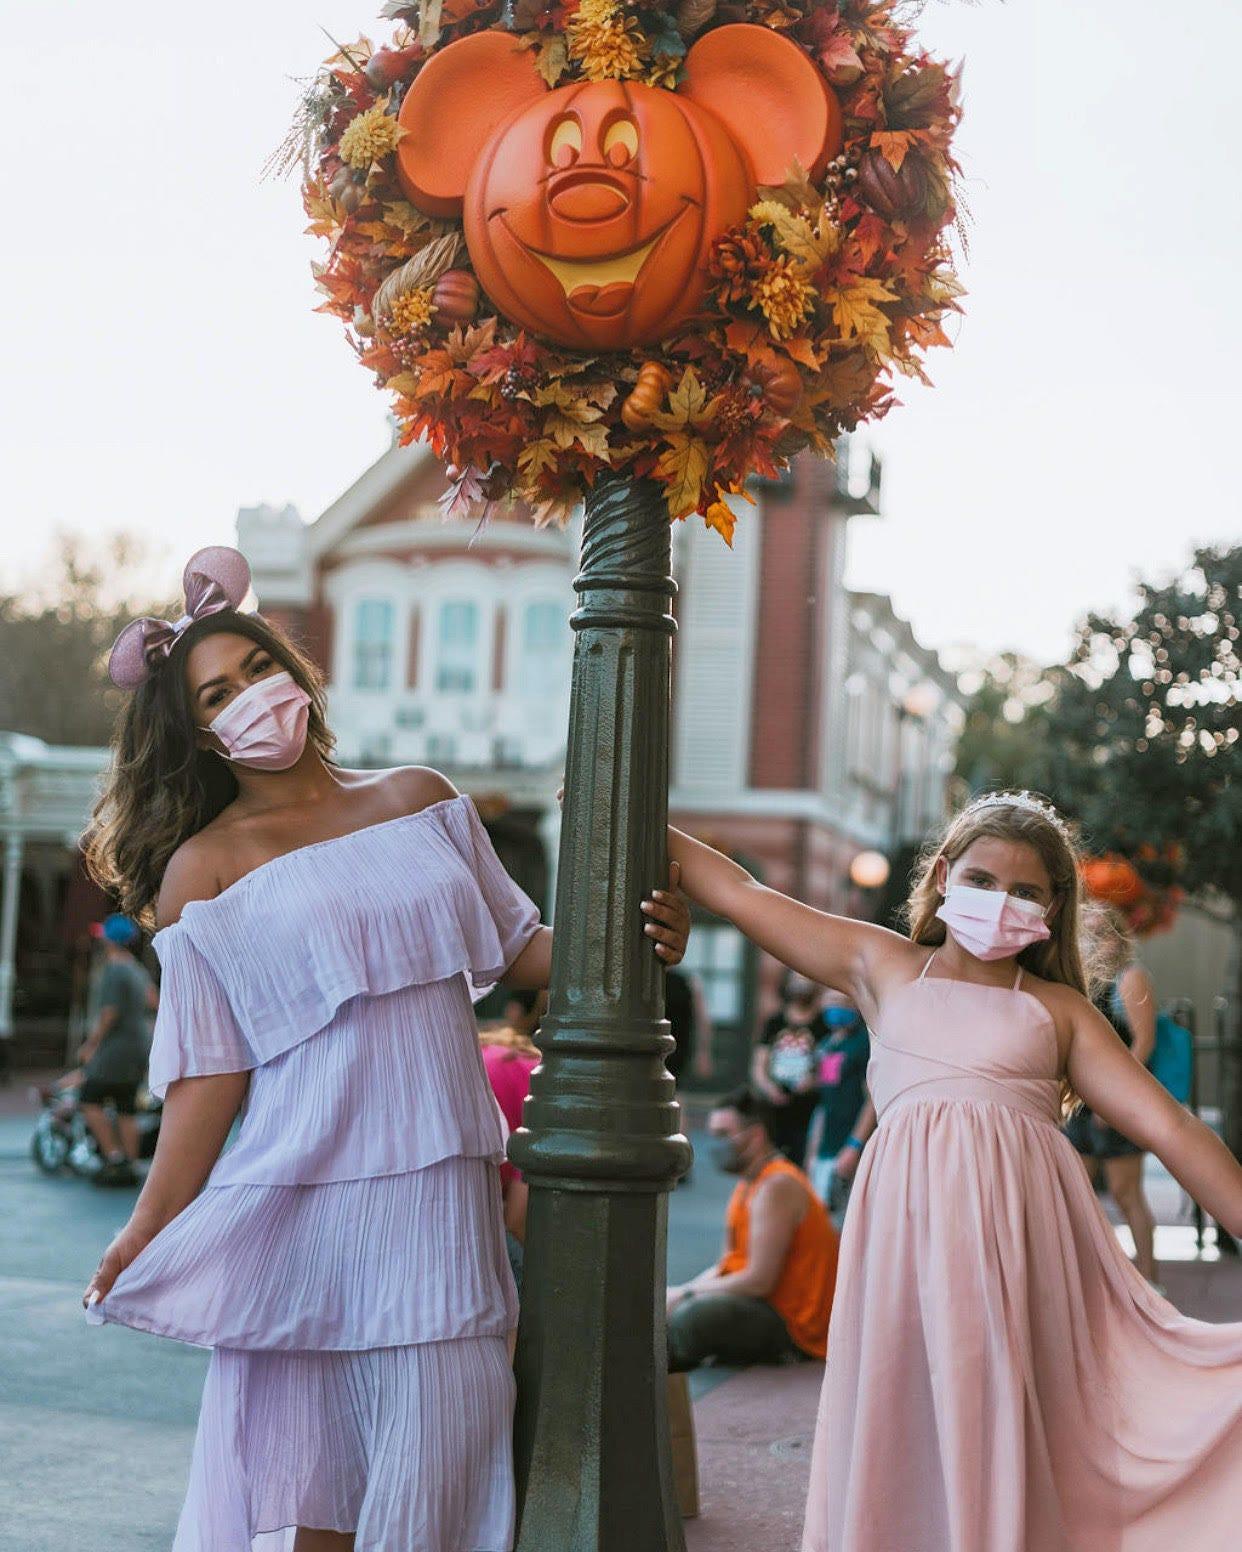 Un étudiant est payé pour visiter Disney World en tant que nounou de parc à thème.  Voici à quoi ressemble son travail.